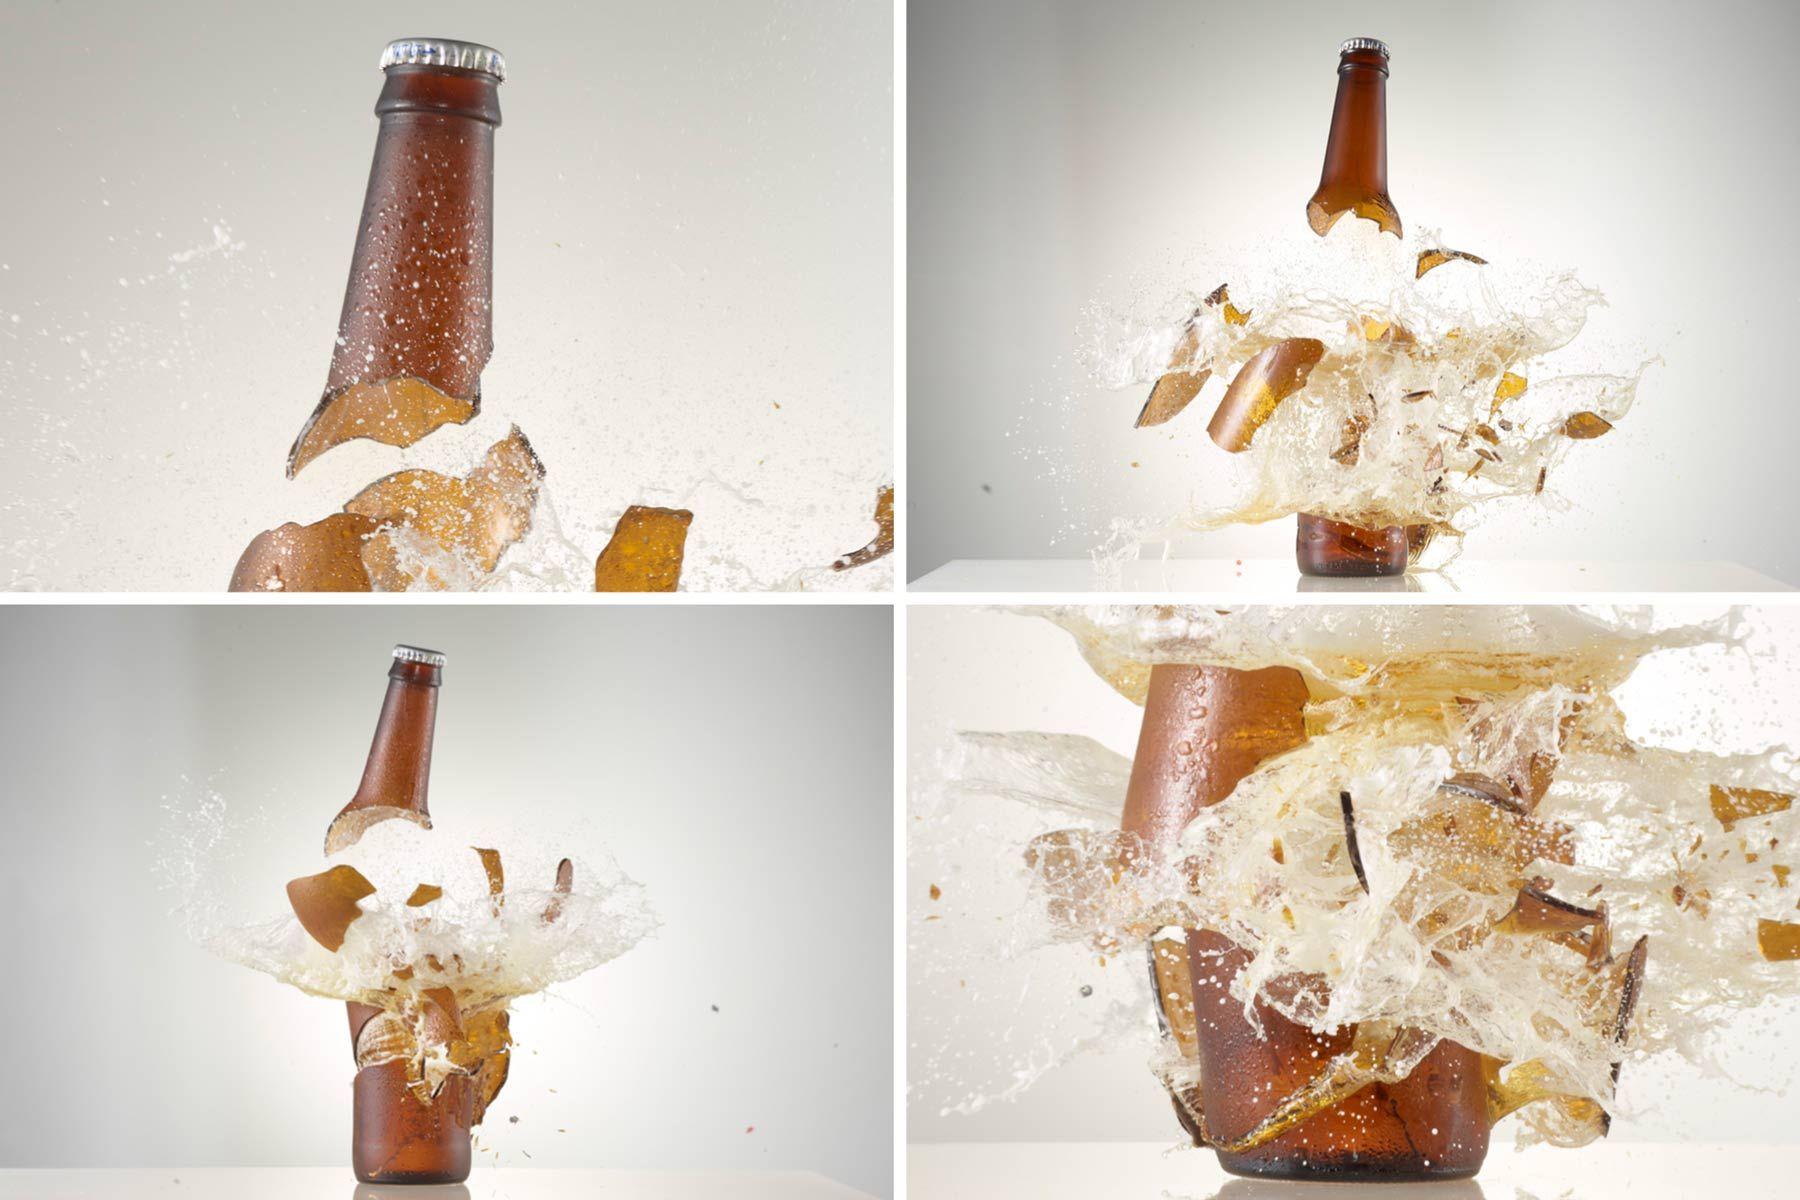 Rachel-Kissel-BAF-27-Beer.jpg